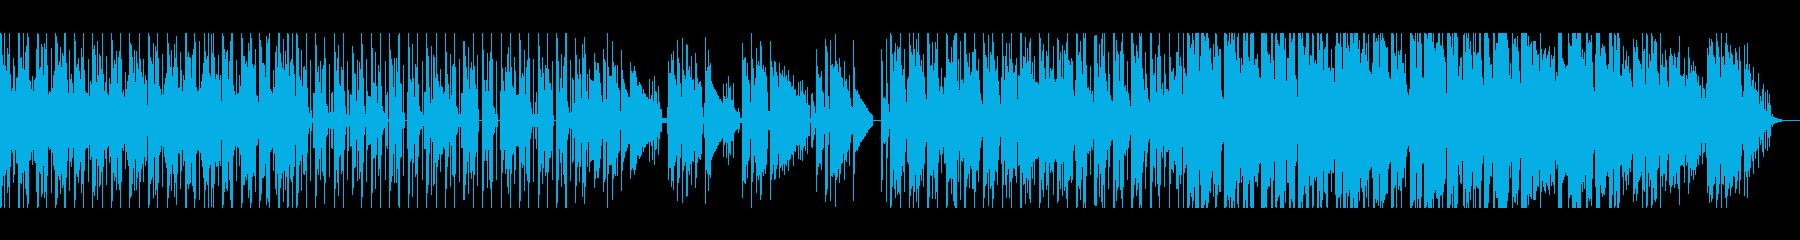 【短いVer4】スペーシーファンクの再生済みの波形